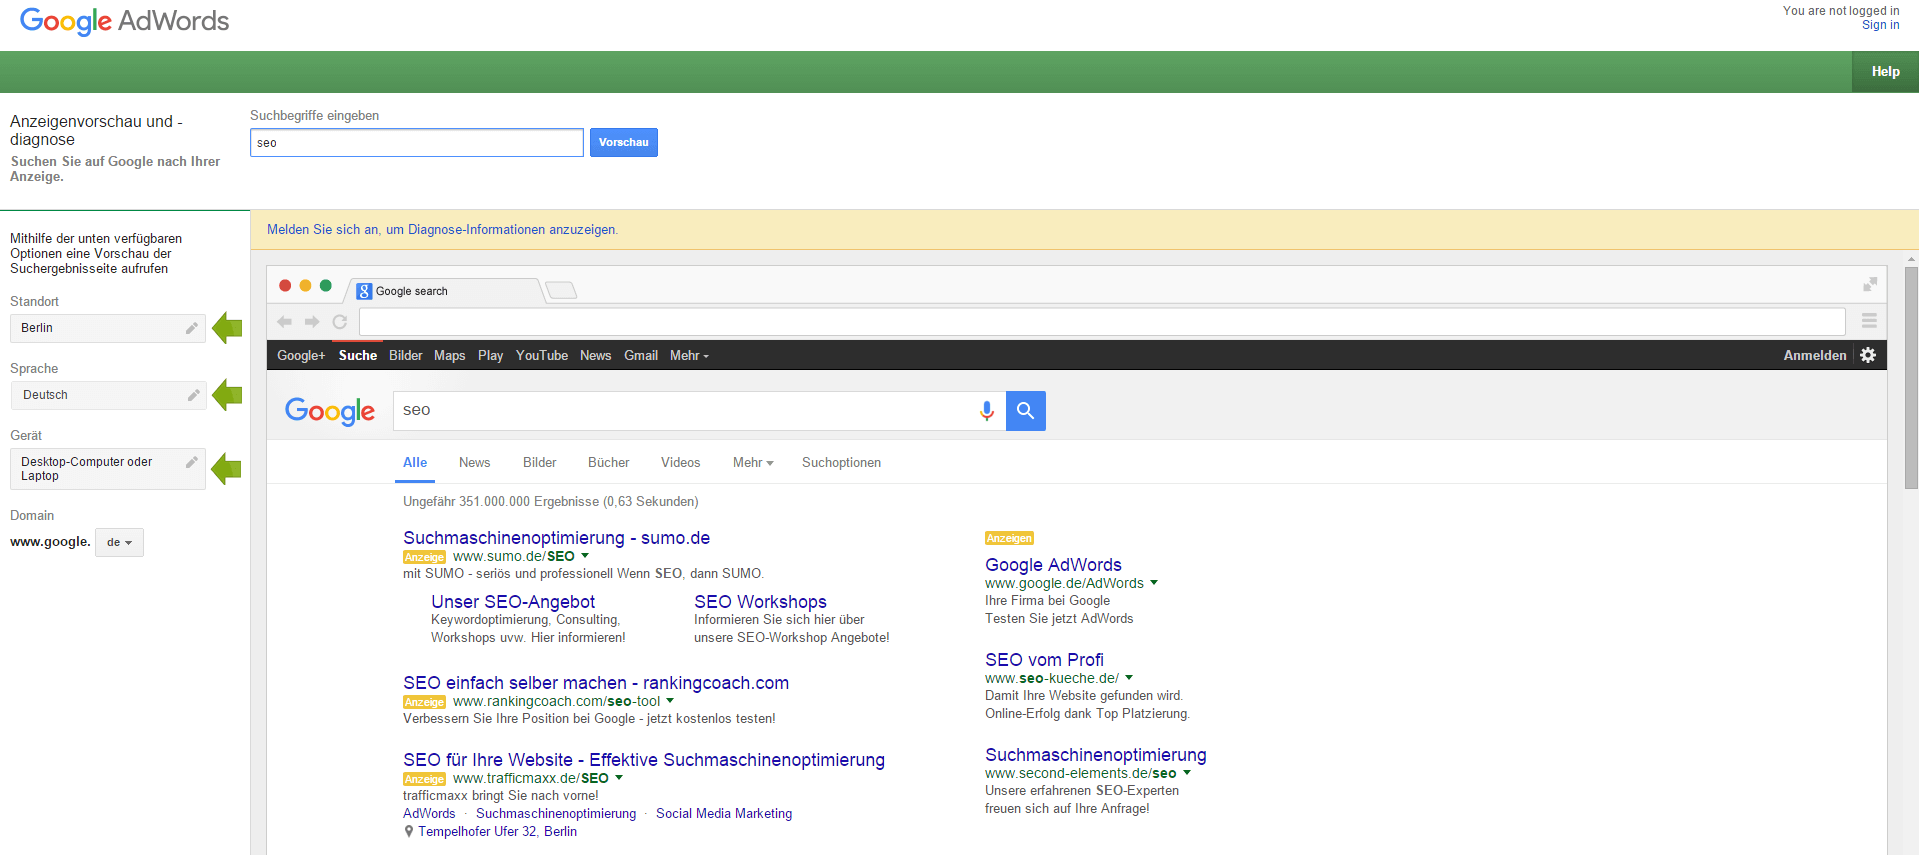 Google AdWords Anzeigenvorschau und -diagnose Tool